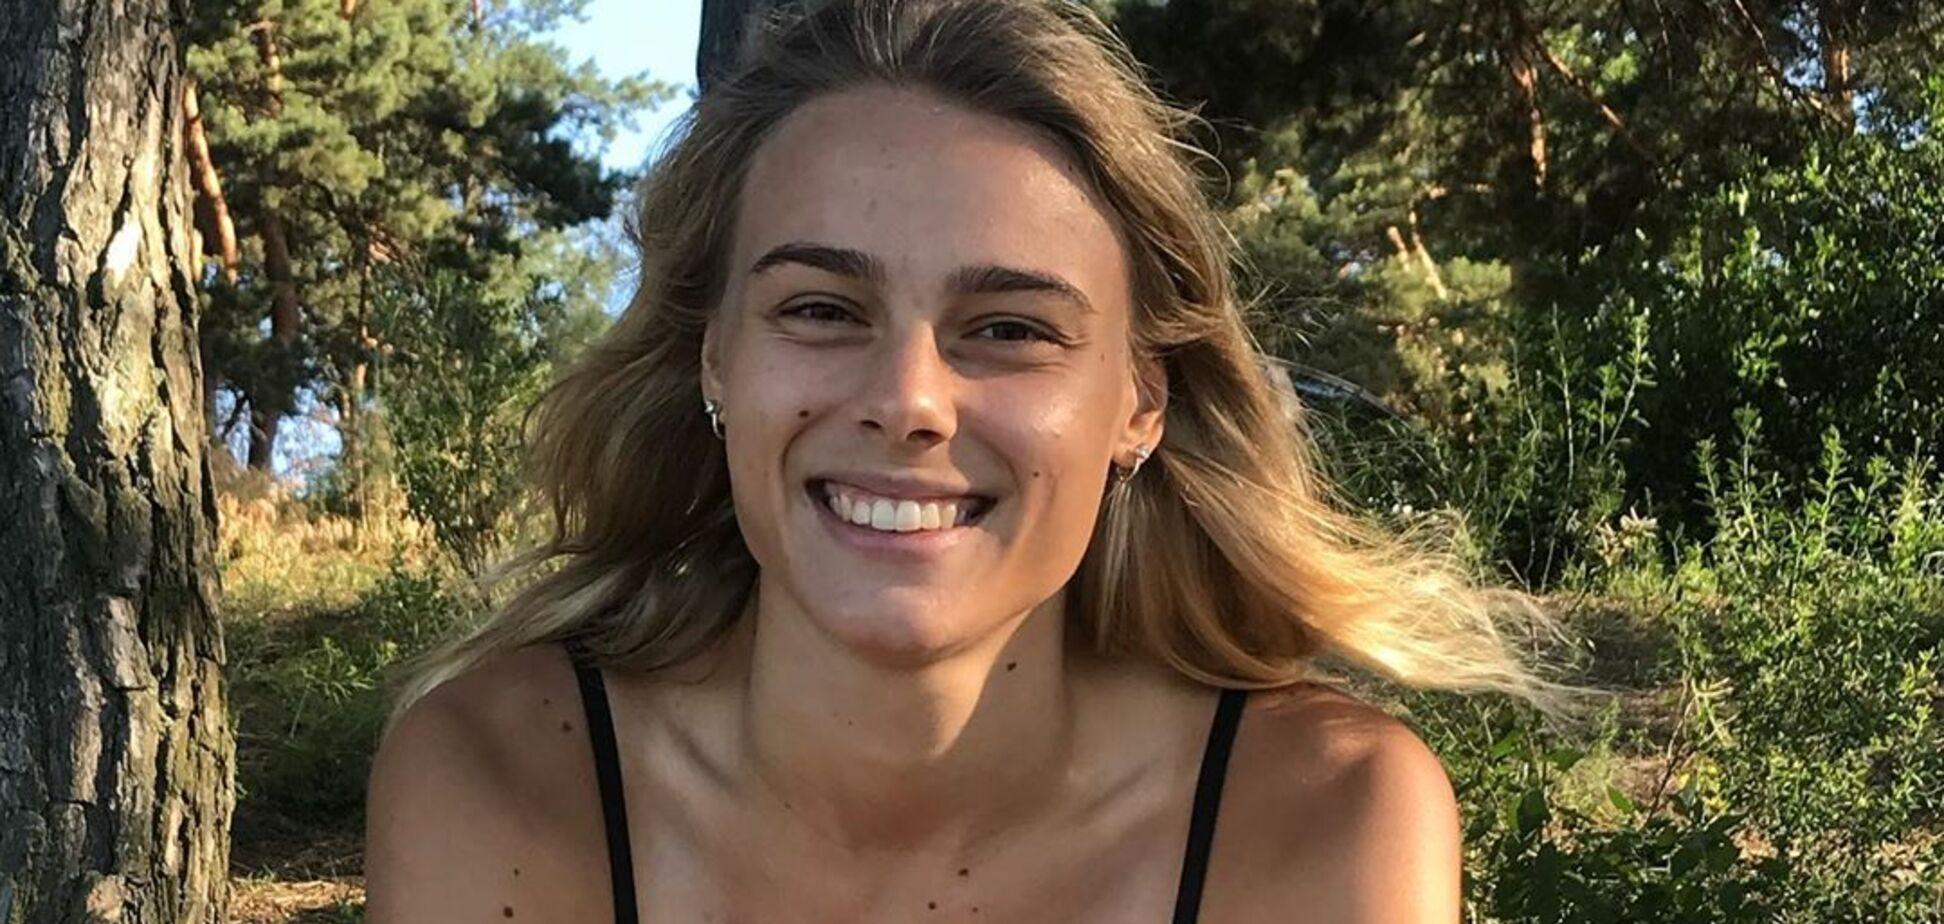 Юлия Левченко показала себя в купальнике